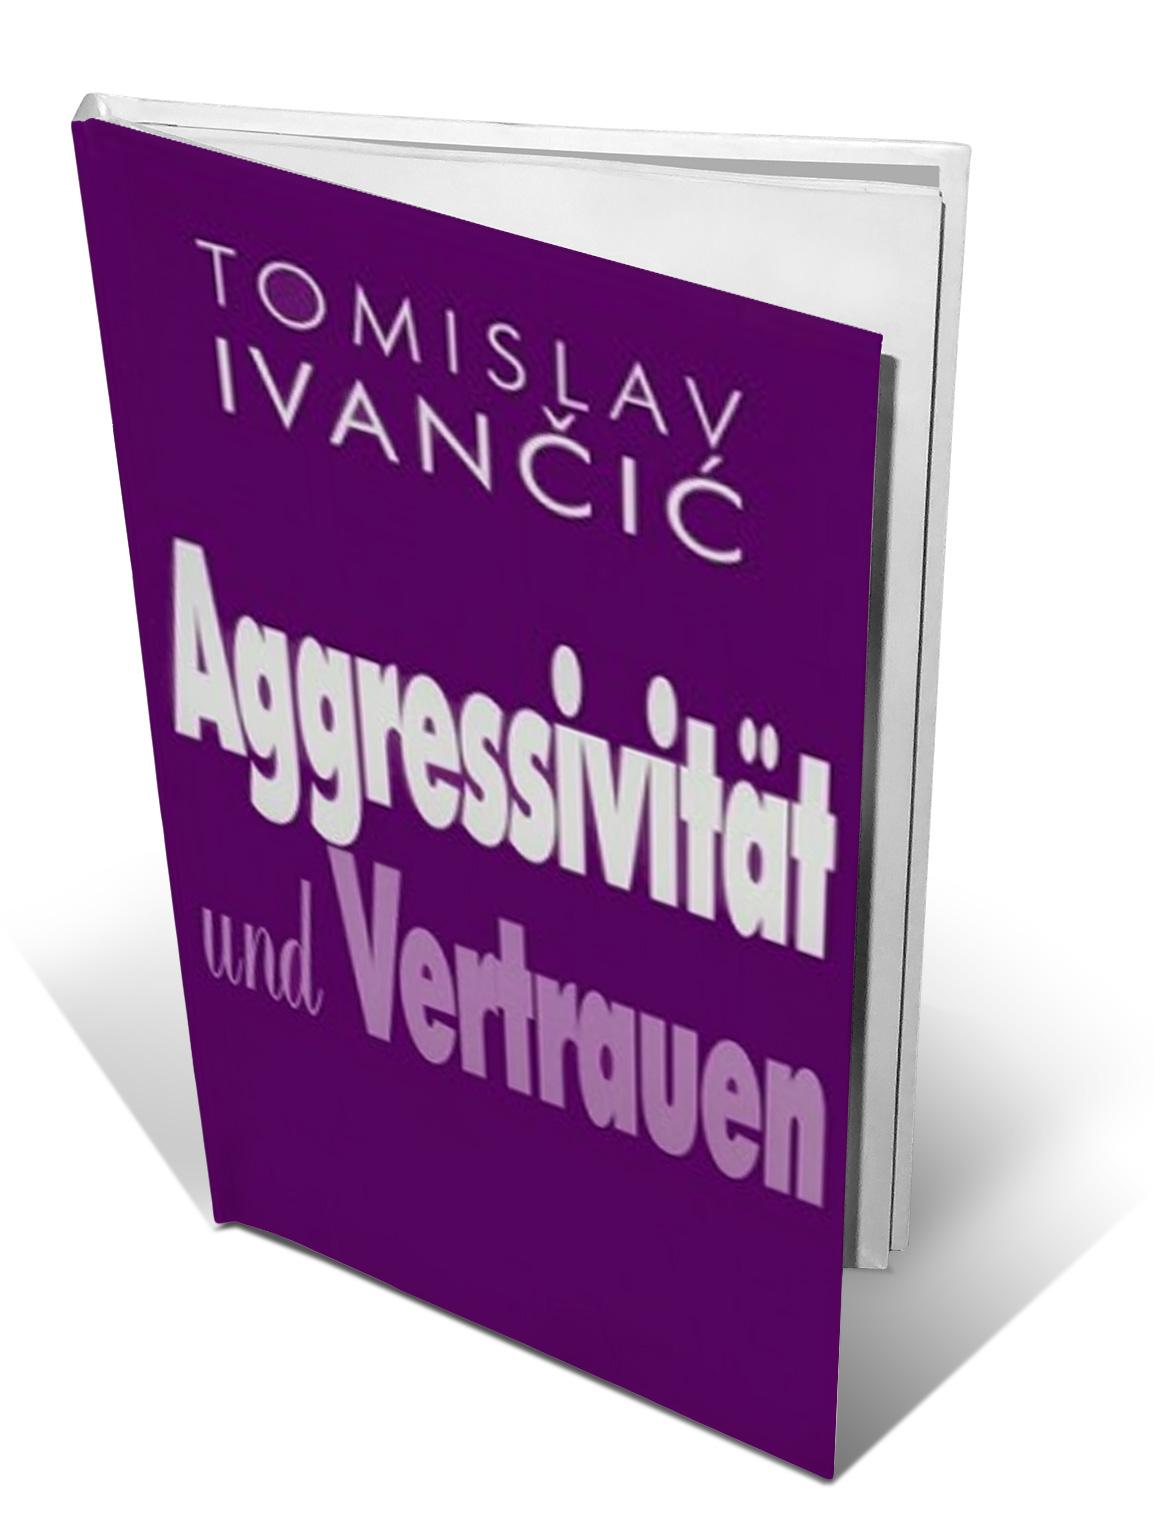 AGGRESSIVITÄT UND VERTRAUEN - Tomislav Ivančić